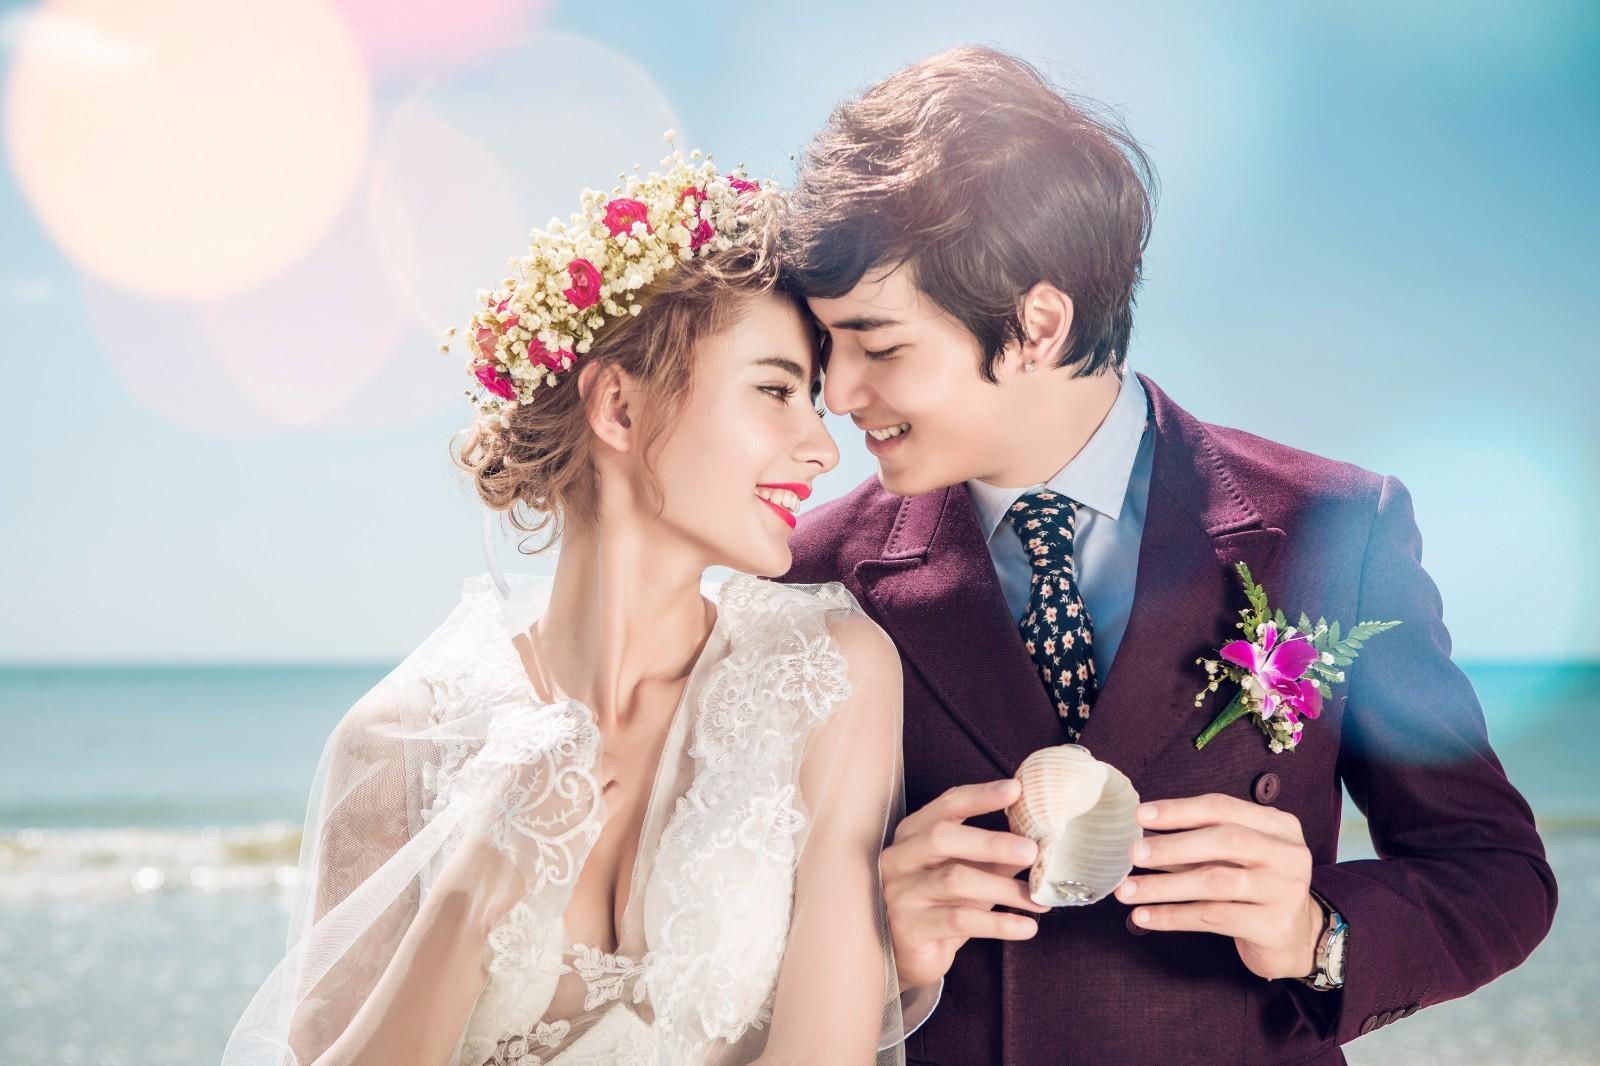 北京兰芙婚纱摄影分享:新郎新娘婚纱礼服搭配经验